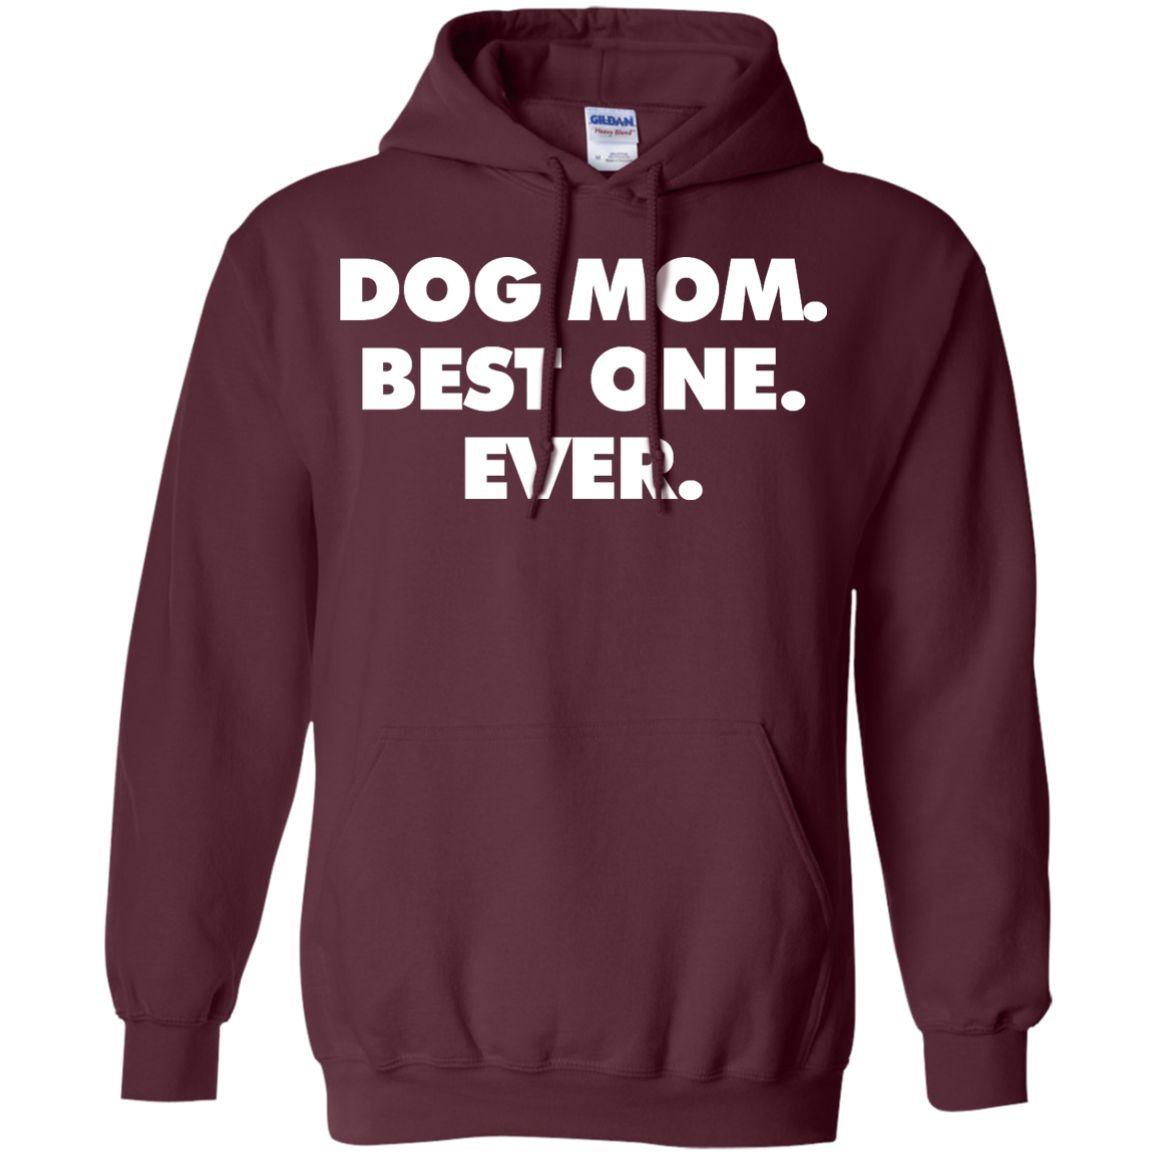 Dog Mom - Hoodie